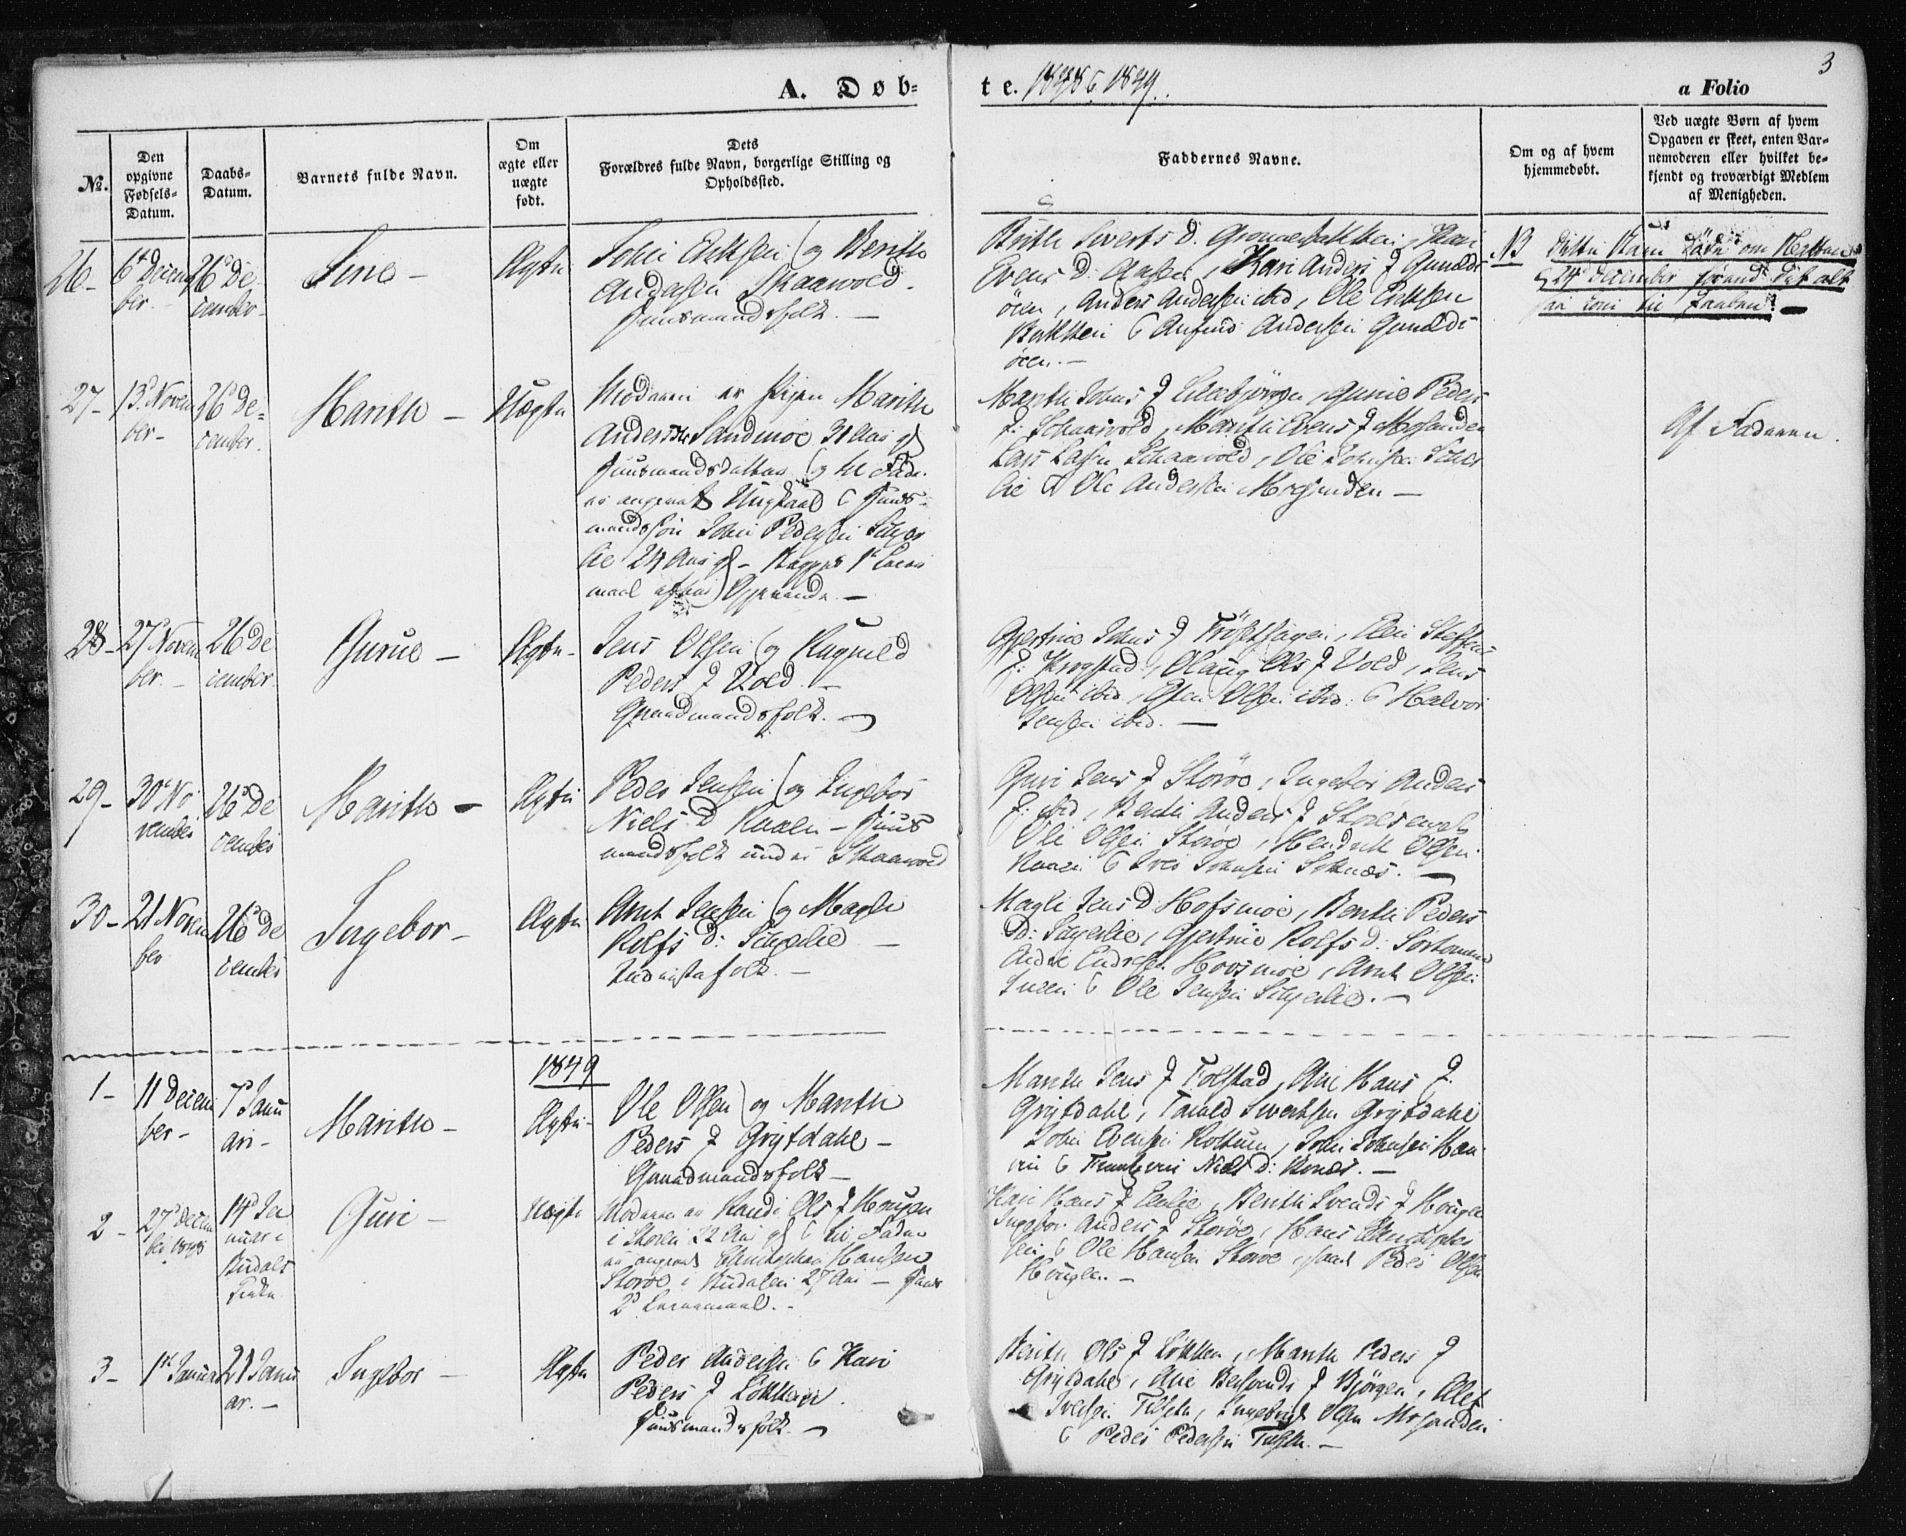 SAT, Ministerialprotokoller, klokkerbøker og fødselsregistre - Sør-Trøndelag, 687/L1000: Ministerialbok nr. 687A06, 1848-1869, s. 3